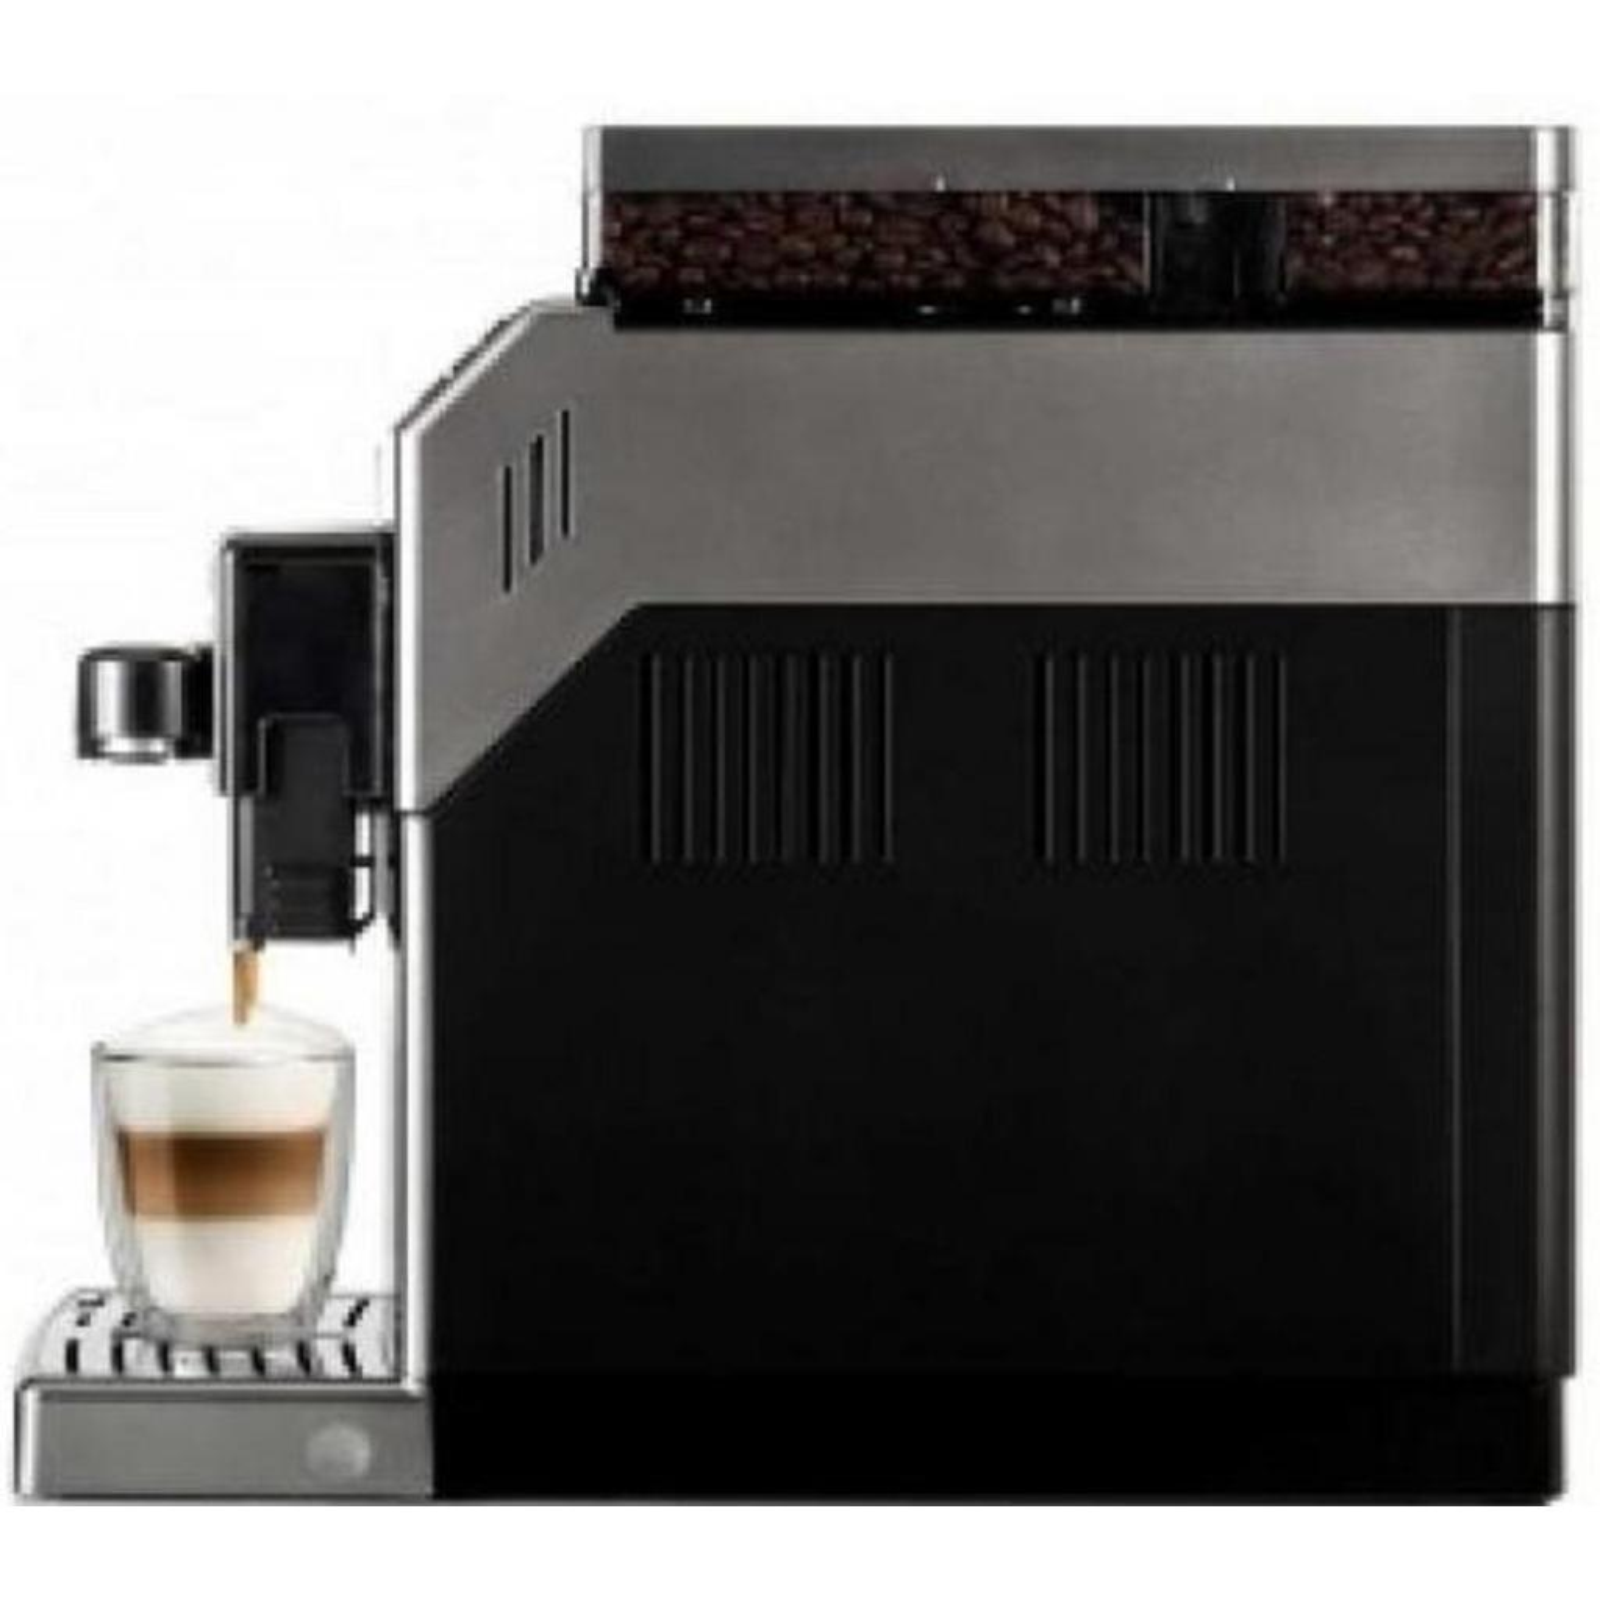 Кофеварка Saeco Lirika One Touch Cappuccino (RI9851/01) изображение 3